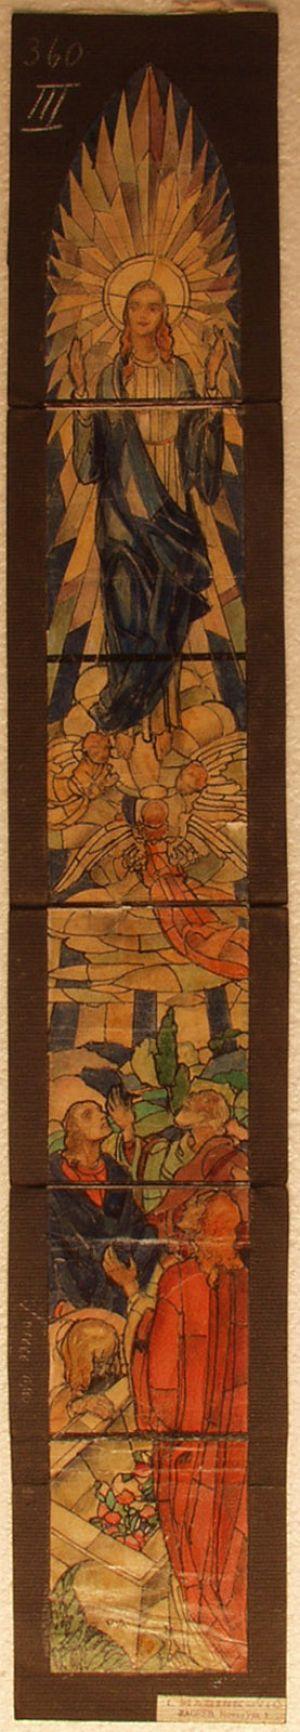 MUO-031488: Uznesenje Bogorodice: skica za vitraj